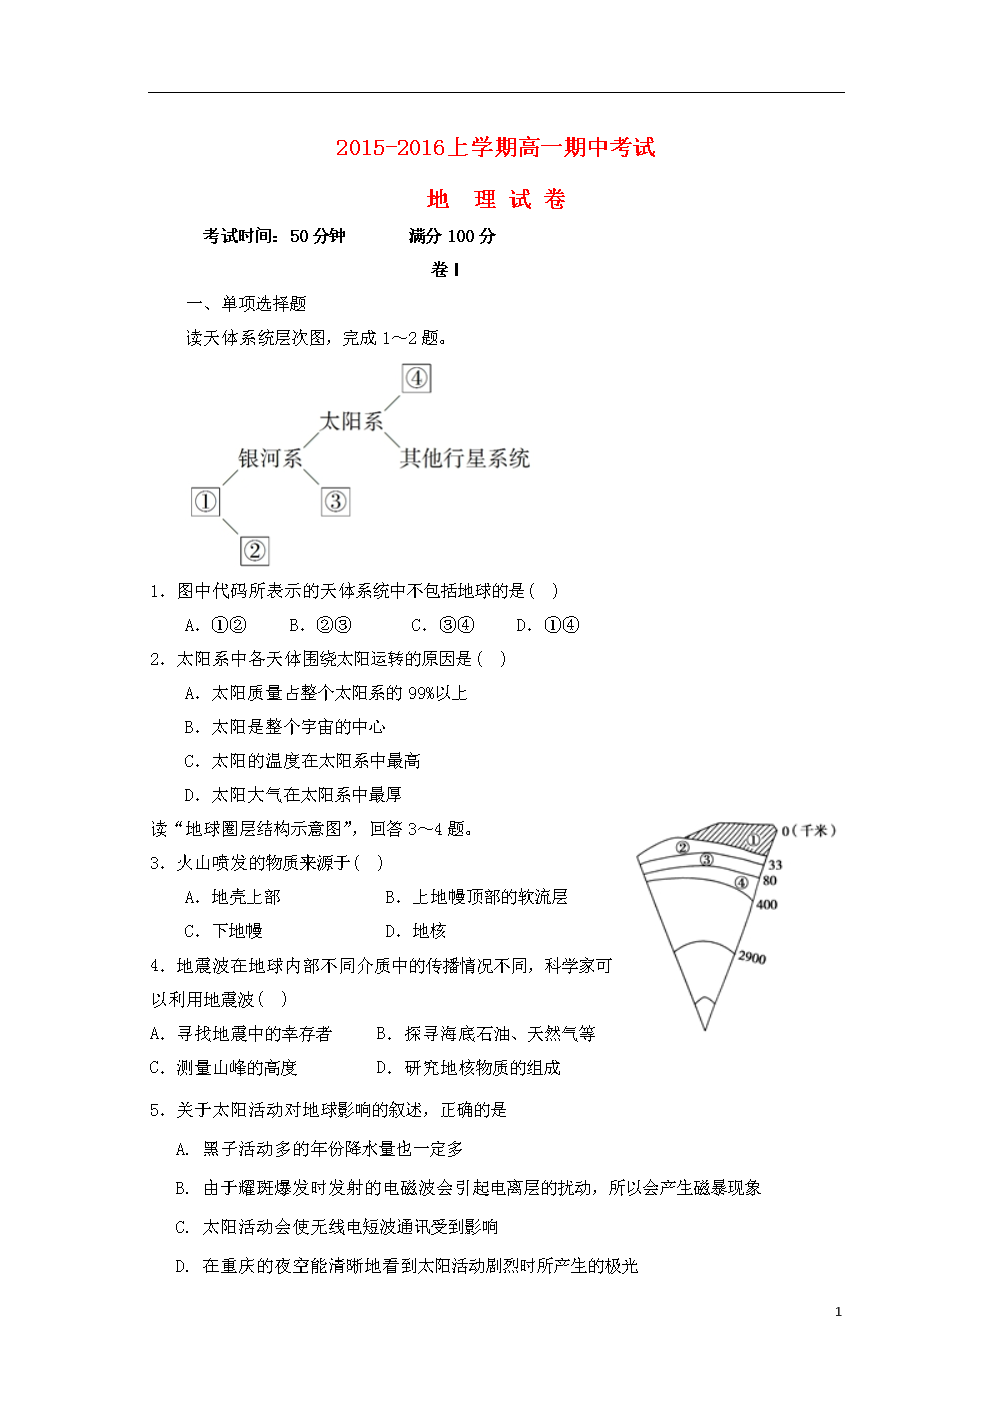 辽宁省大连市第二十高级中学2015-2016版高一小报高中物理力学图片